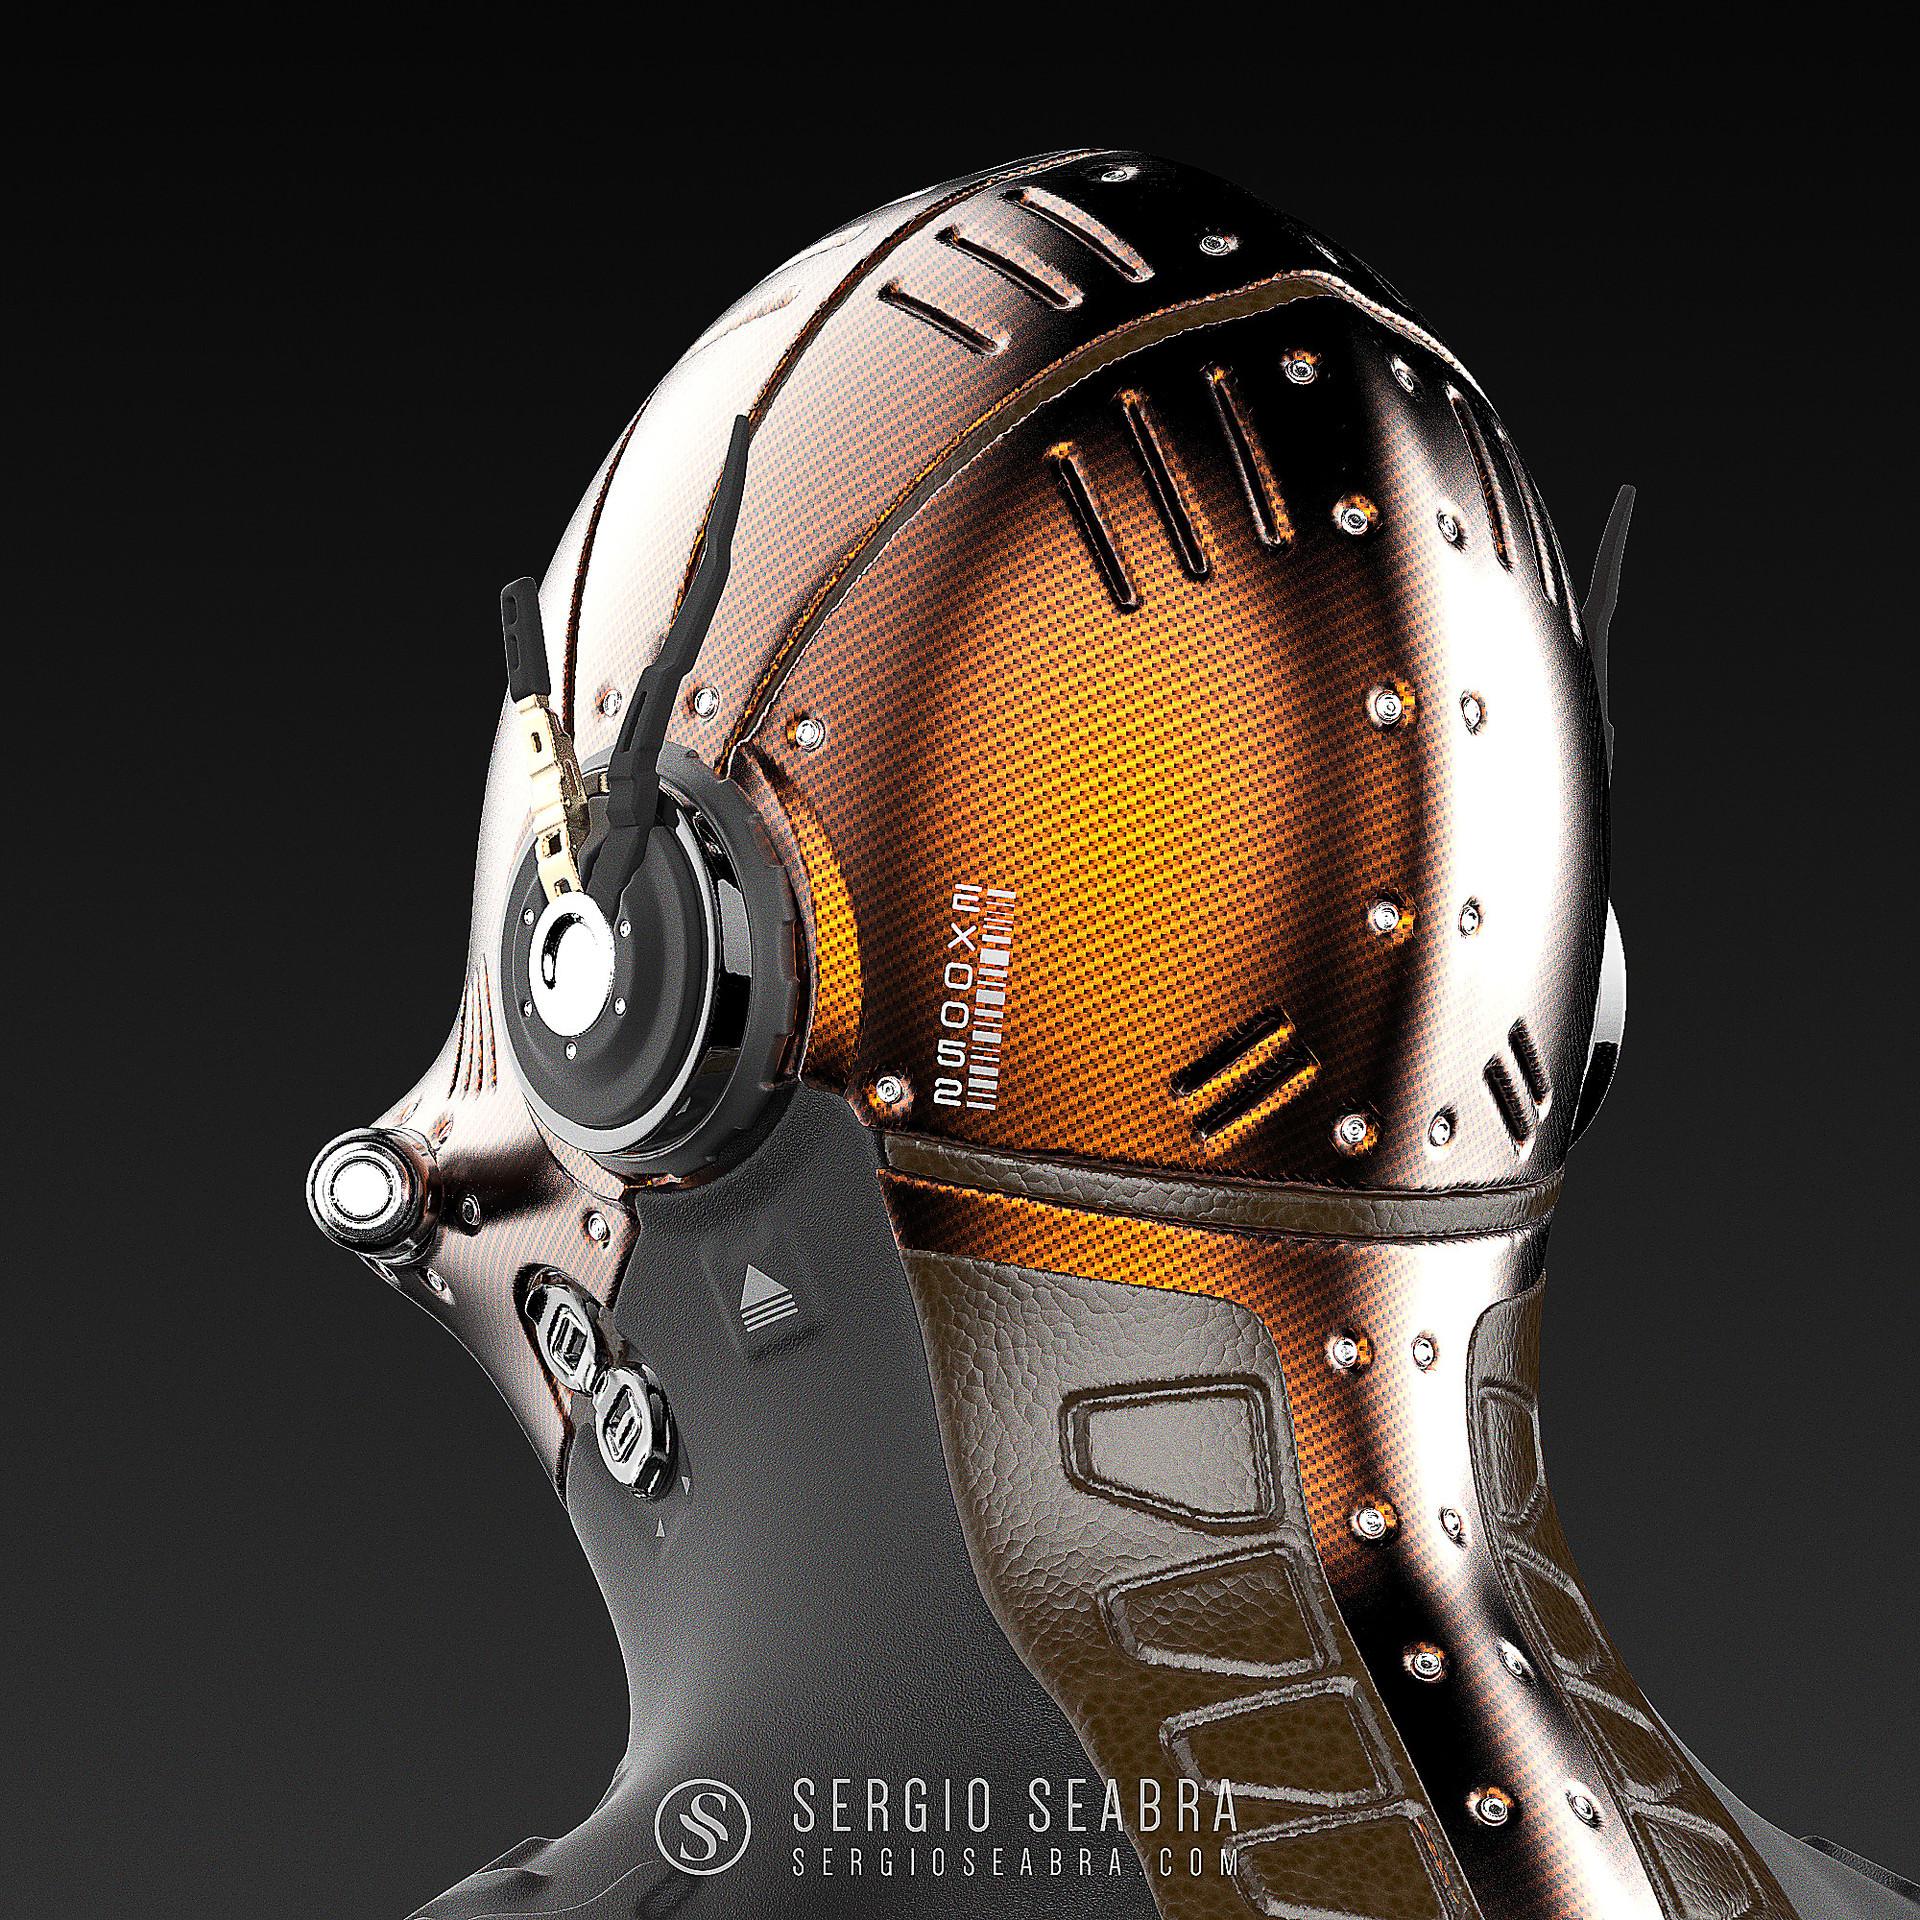 Sergio seabra 20170718 helmet2 layouts4